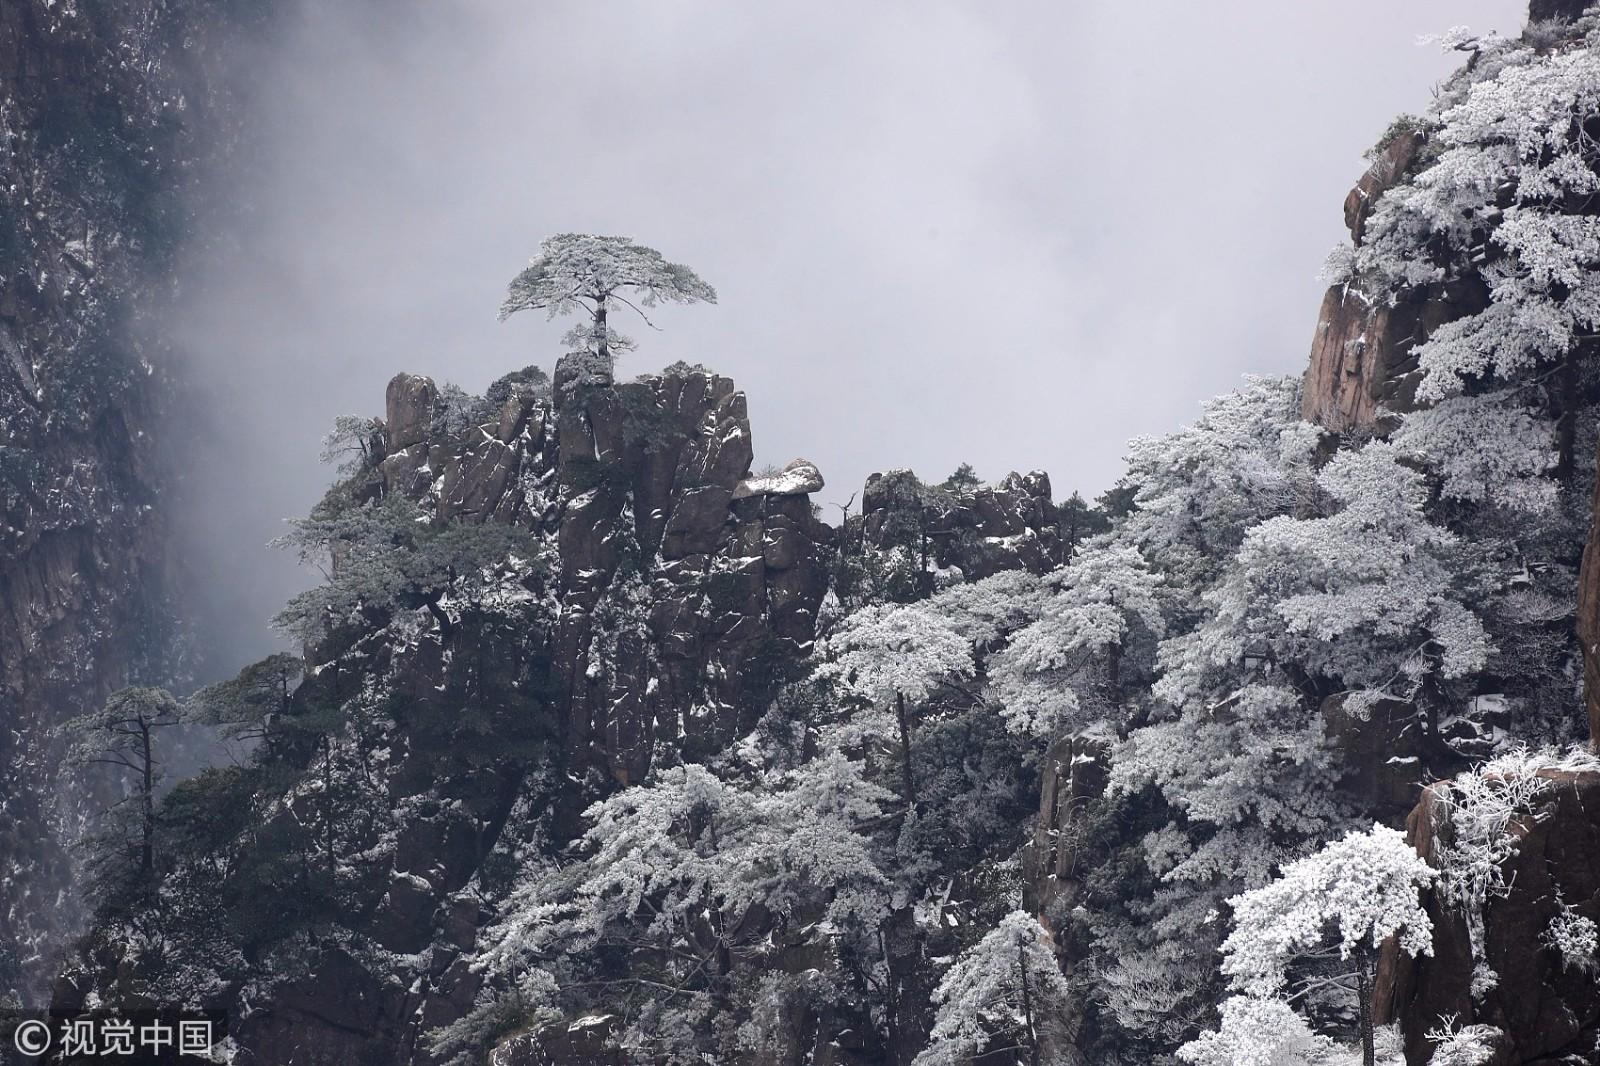 八百里黄山银装素裹,皑皑白雪与奇松怪石交相辉映,美不胜收.